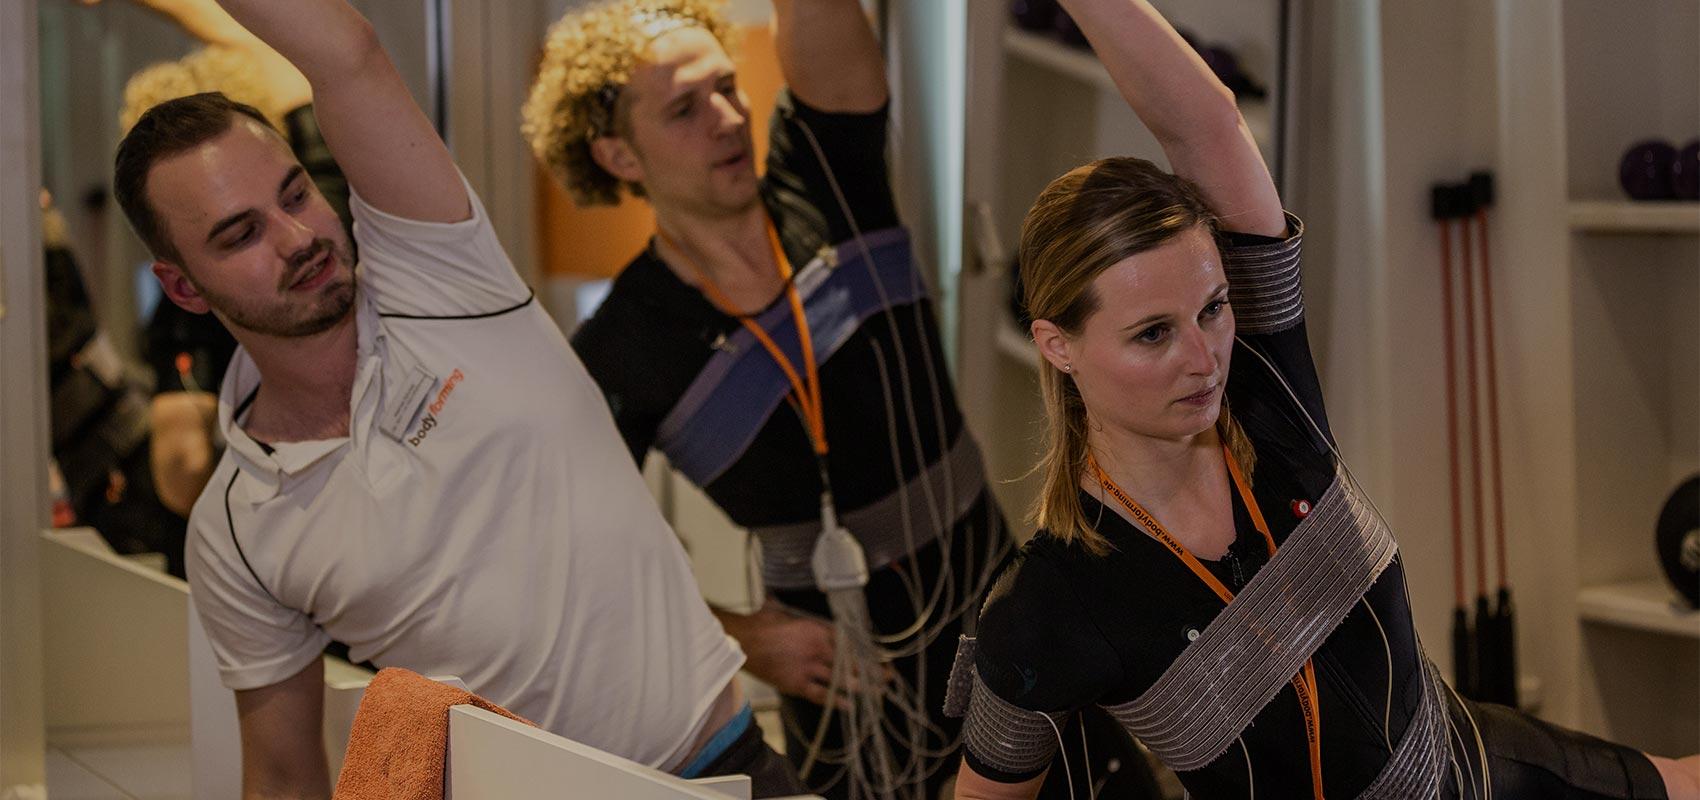 Bodystreet Preise 10er Karte.Preise Ems Hannover Ems Training Hannover City Bodyforming